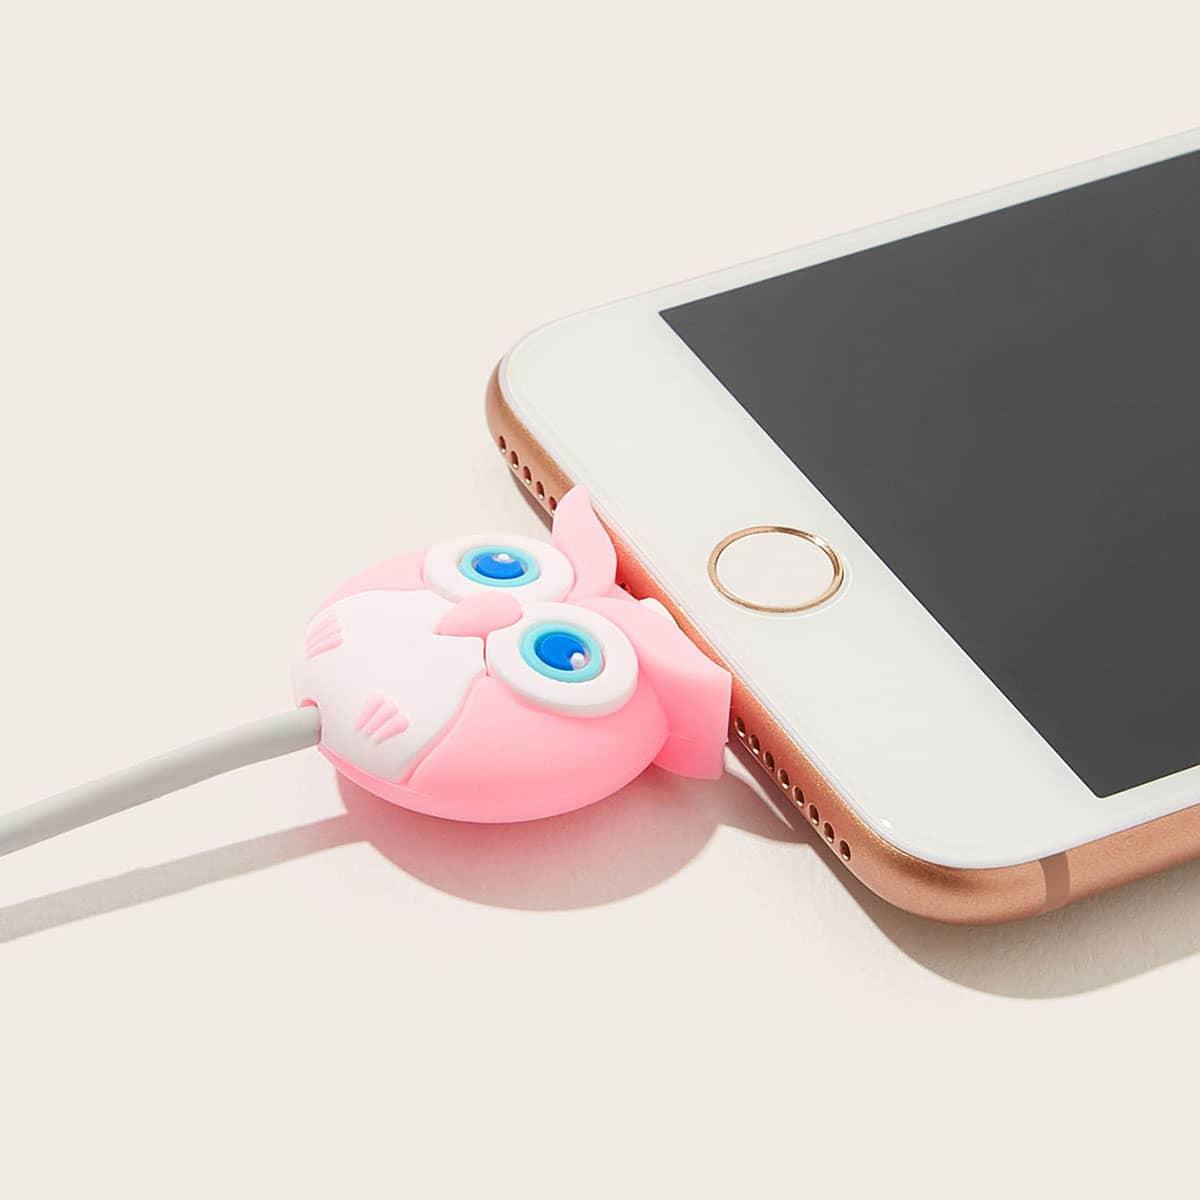 Uil-vormige USB-kabelbeschermer